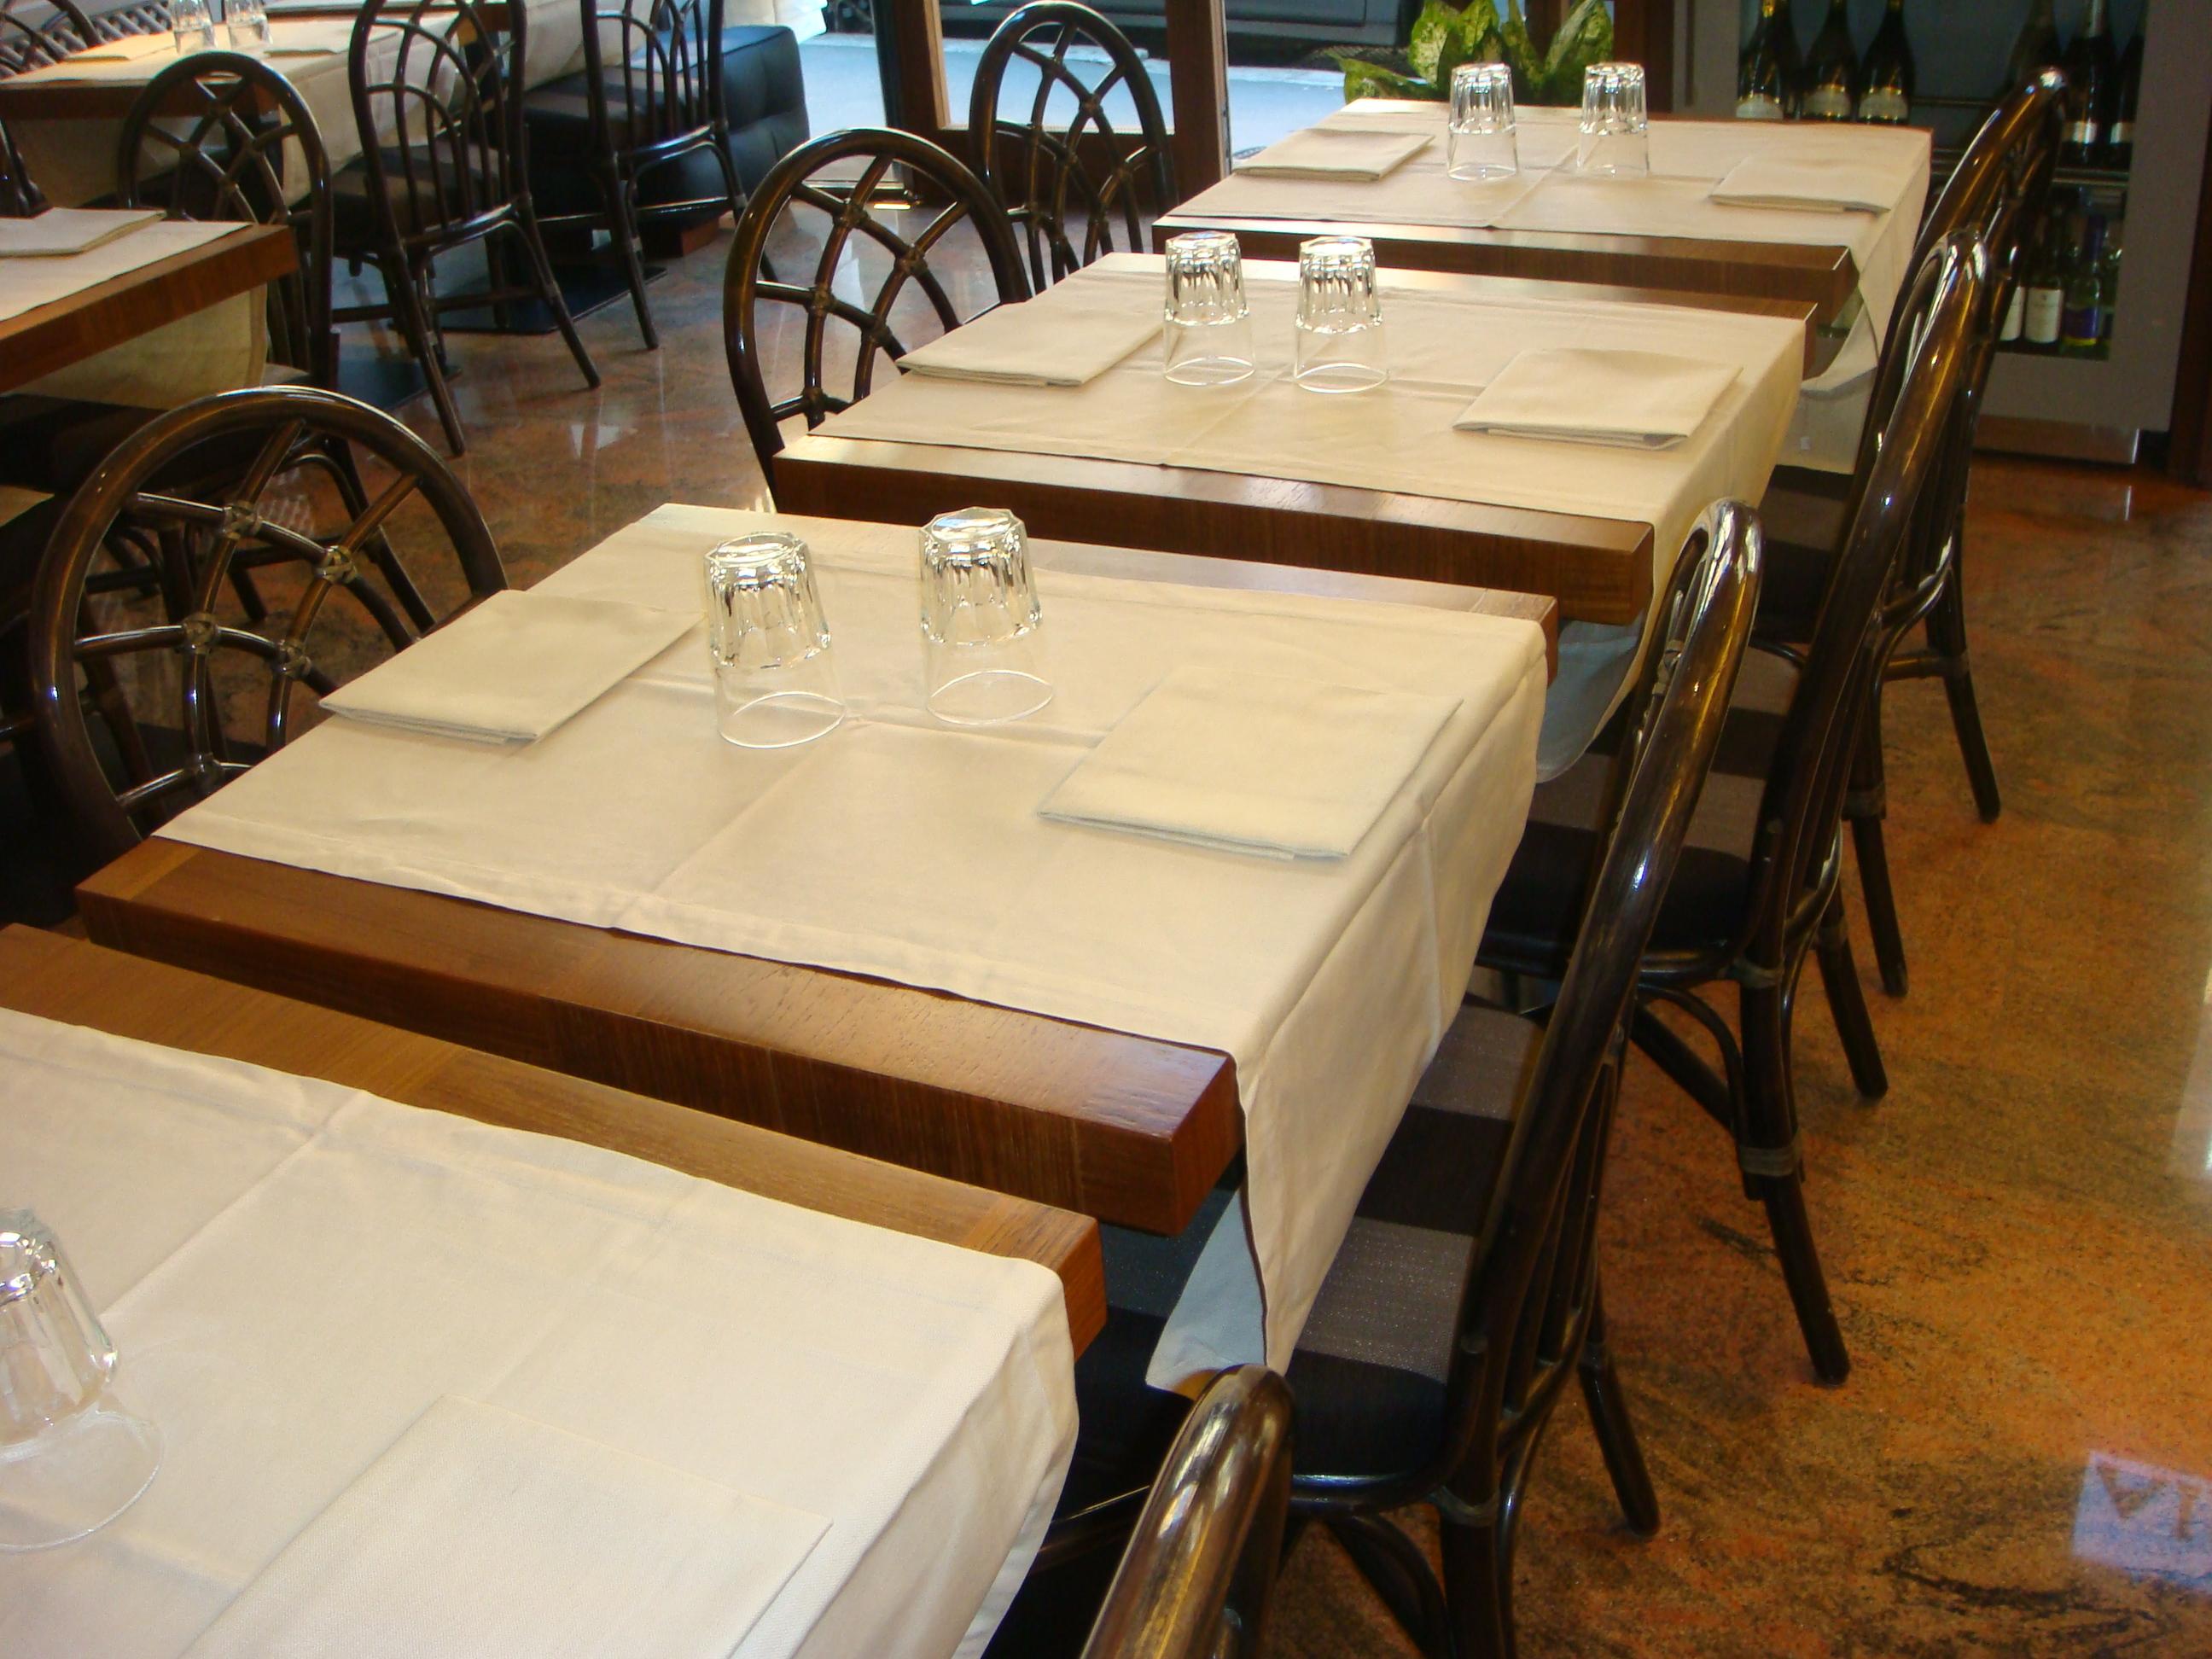 tavoli ristorante su misura roma ESCAPE='HTML'